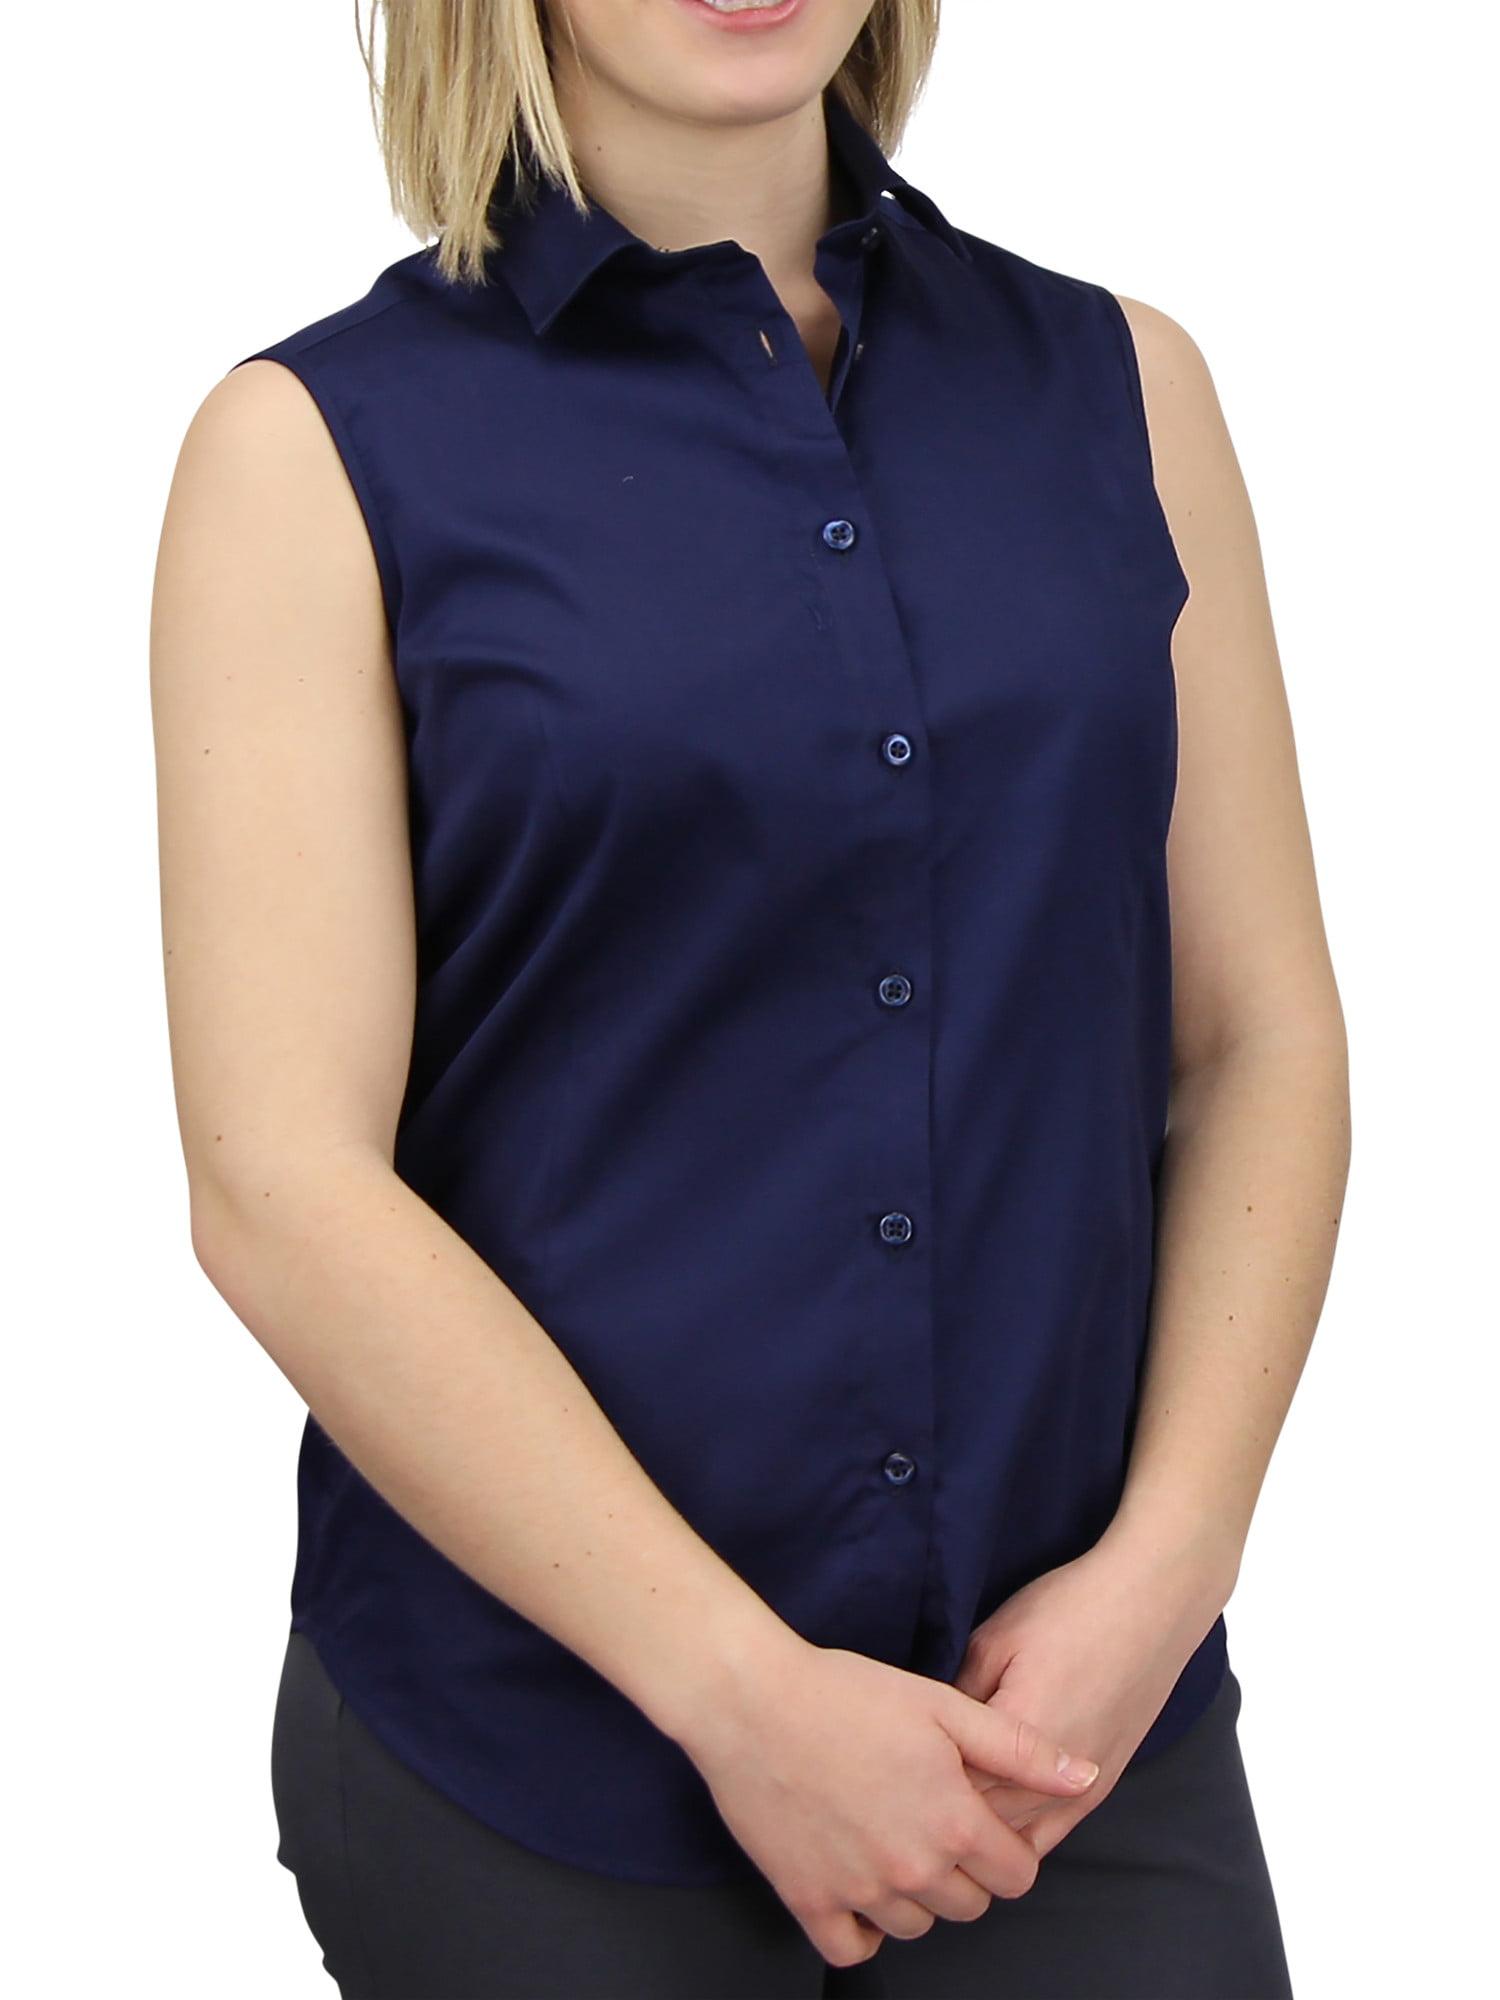 Urban Boundaries Womens Sleeveless Collared Shirt 100 Cotton